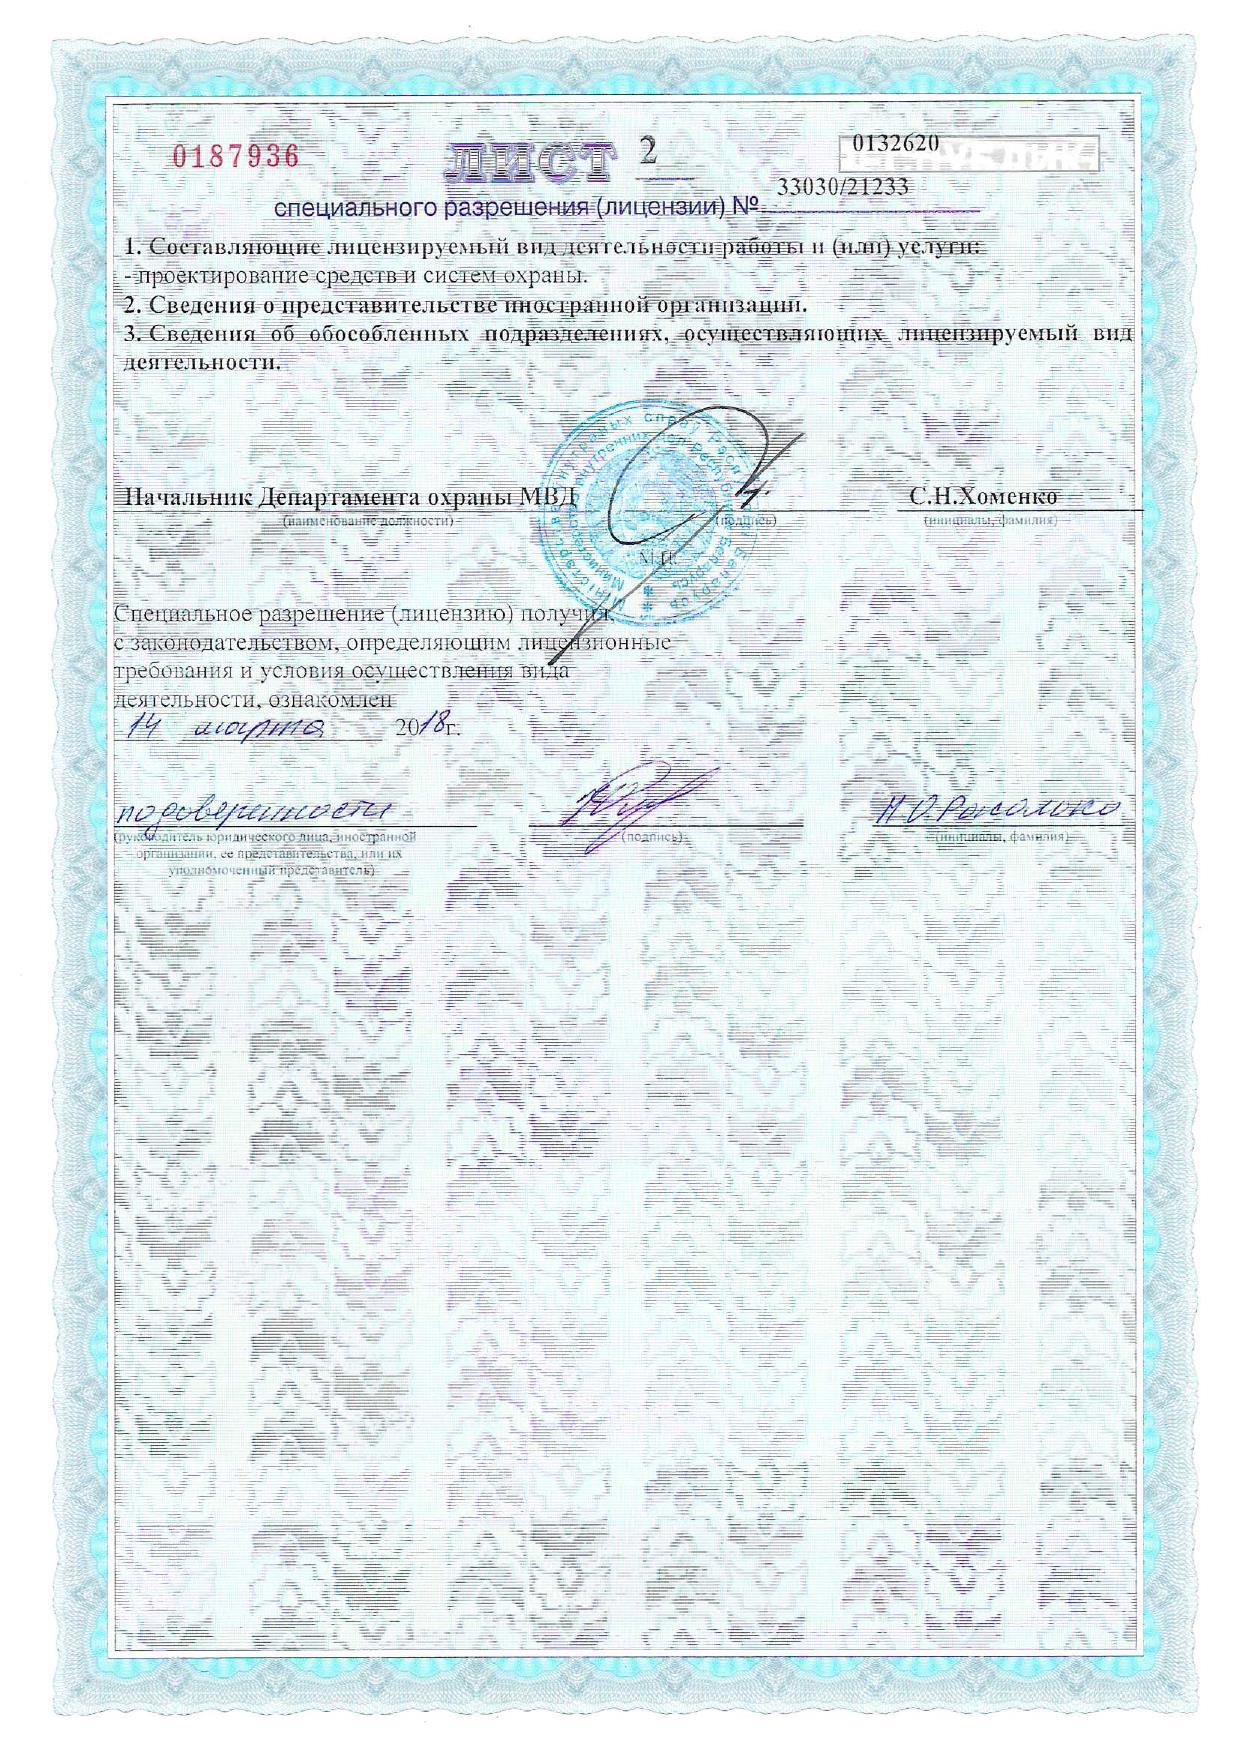 9.1 Лицензия МВД (проектирование средств и систем охраны)